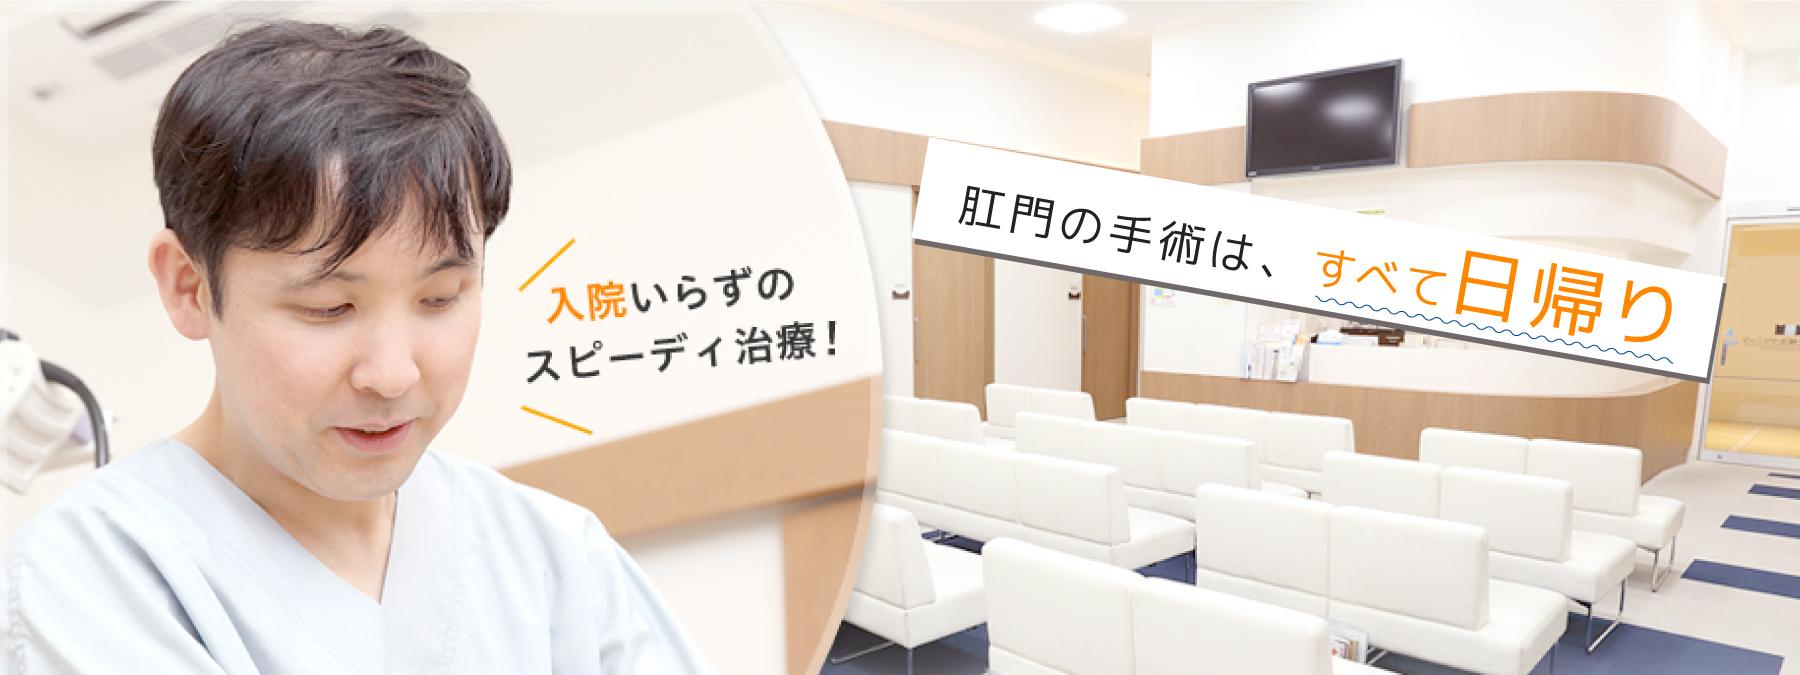 横浜で痔にお悩みなら【ららぽーと横浜クリニック】